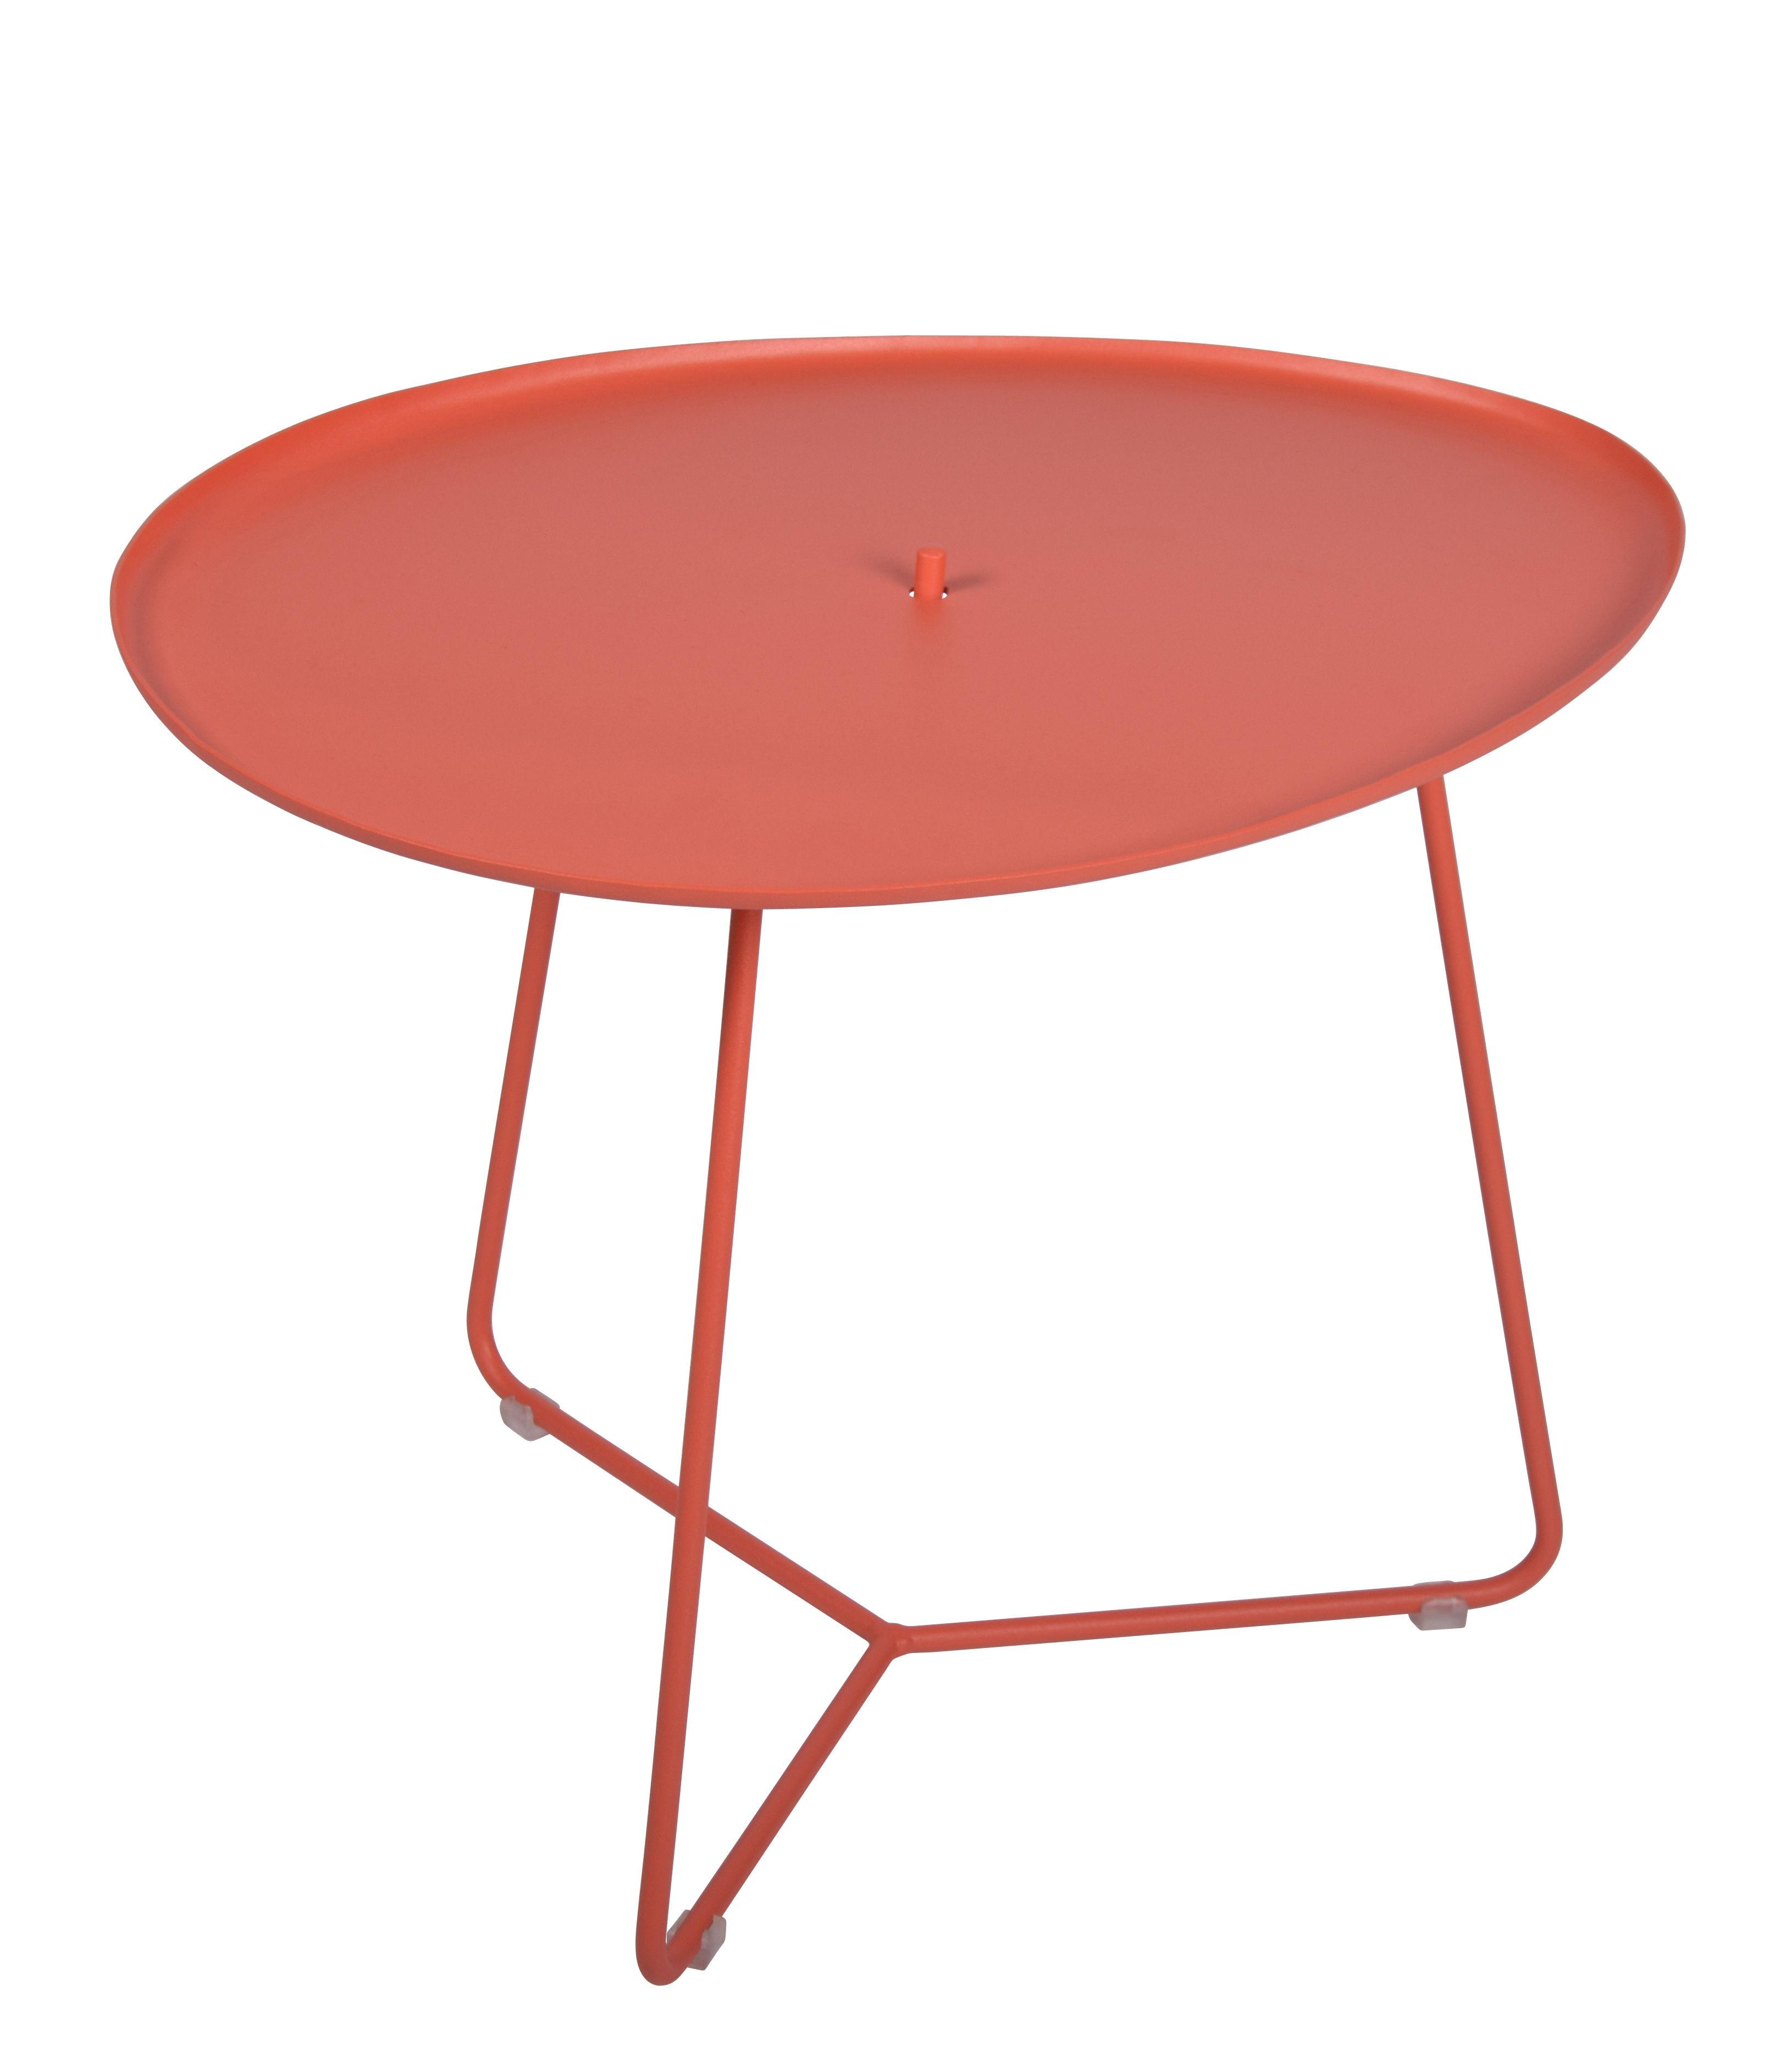 Mobilier - Tables basses - Table basse Cocotte / L 55 x H 43,5 cm - Plateau amovible - Fermob - Capucine - Acier peint